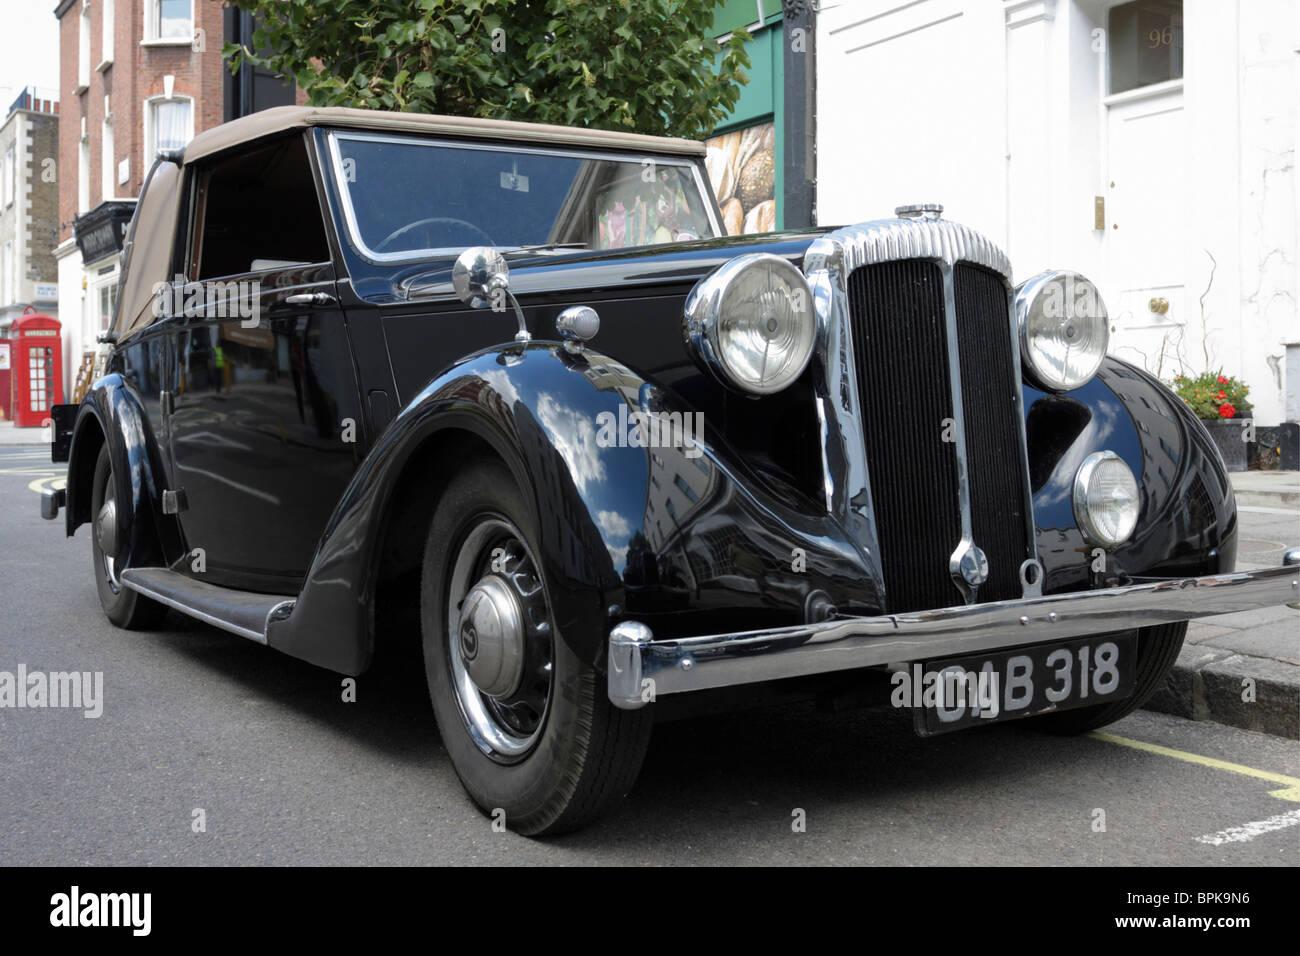 Dieses wunderbare Beispiel für eine Daimler-Verdeck, gesehen hier öffentlich ausgestellt, während Stockbild